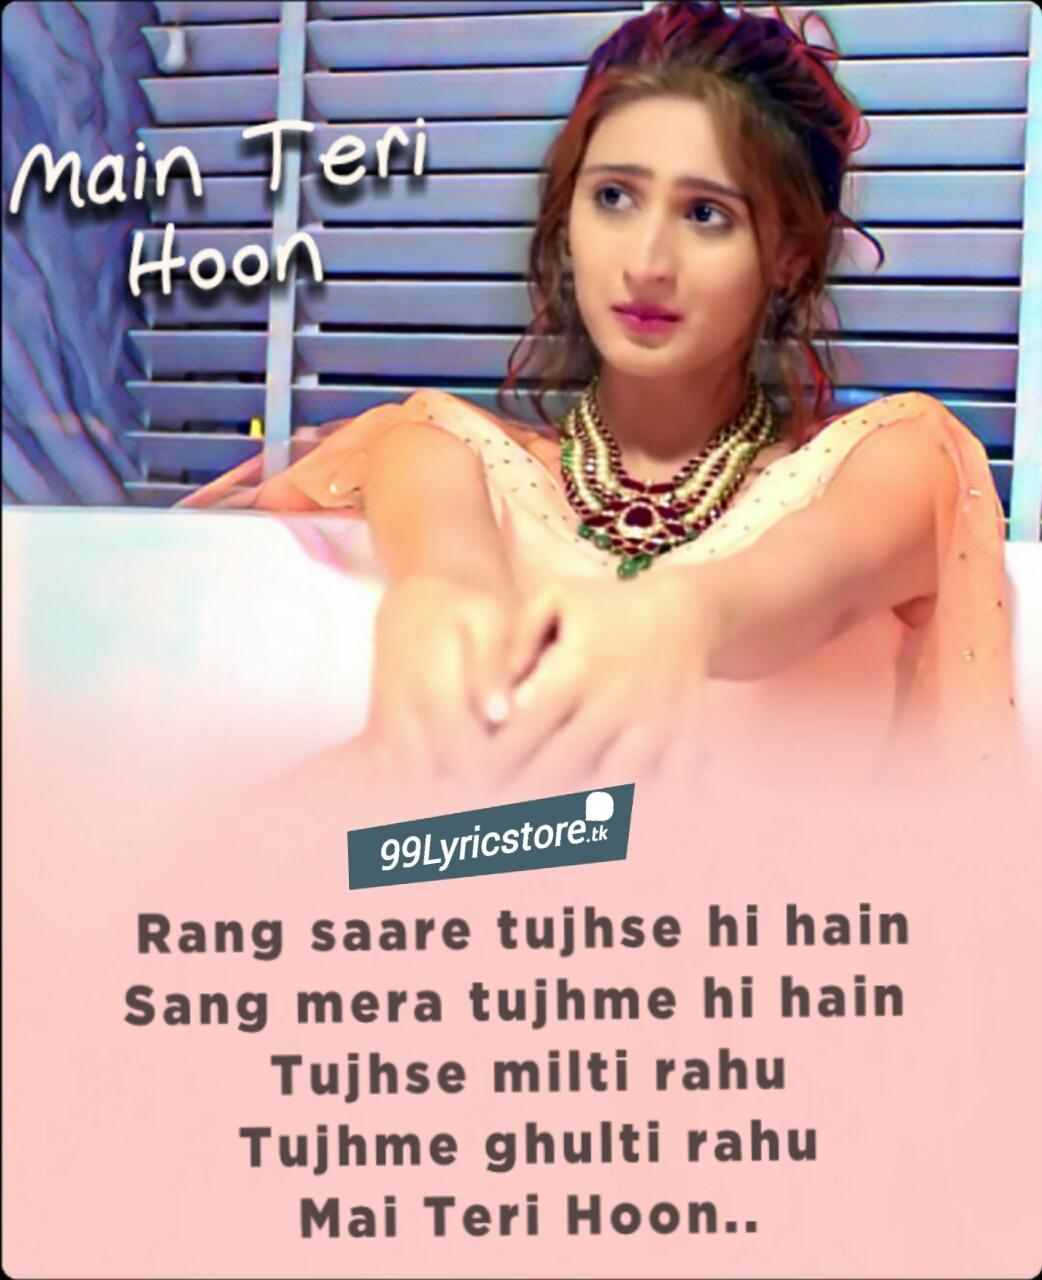 Main Teri Hoon Song Lyrics | Dhvani Bhanushali | Sachin - Jigar, Hindi Song lyrics Dhvani Bhanushiali, Main Teri Hoon lyrics Dhvani Bhanushiali